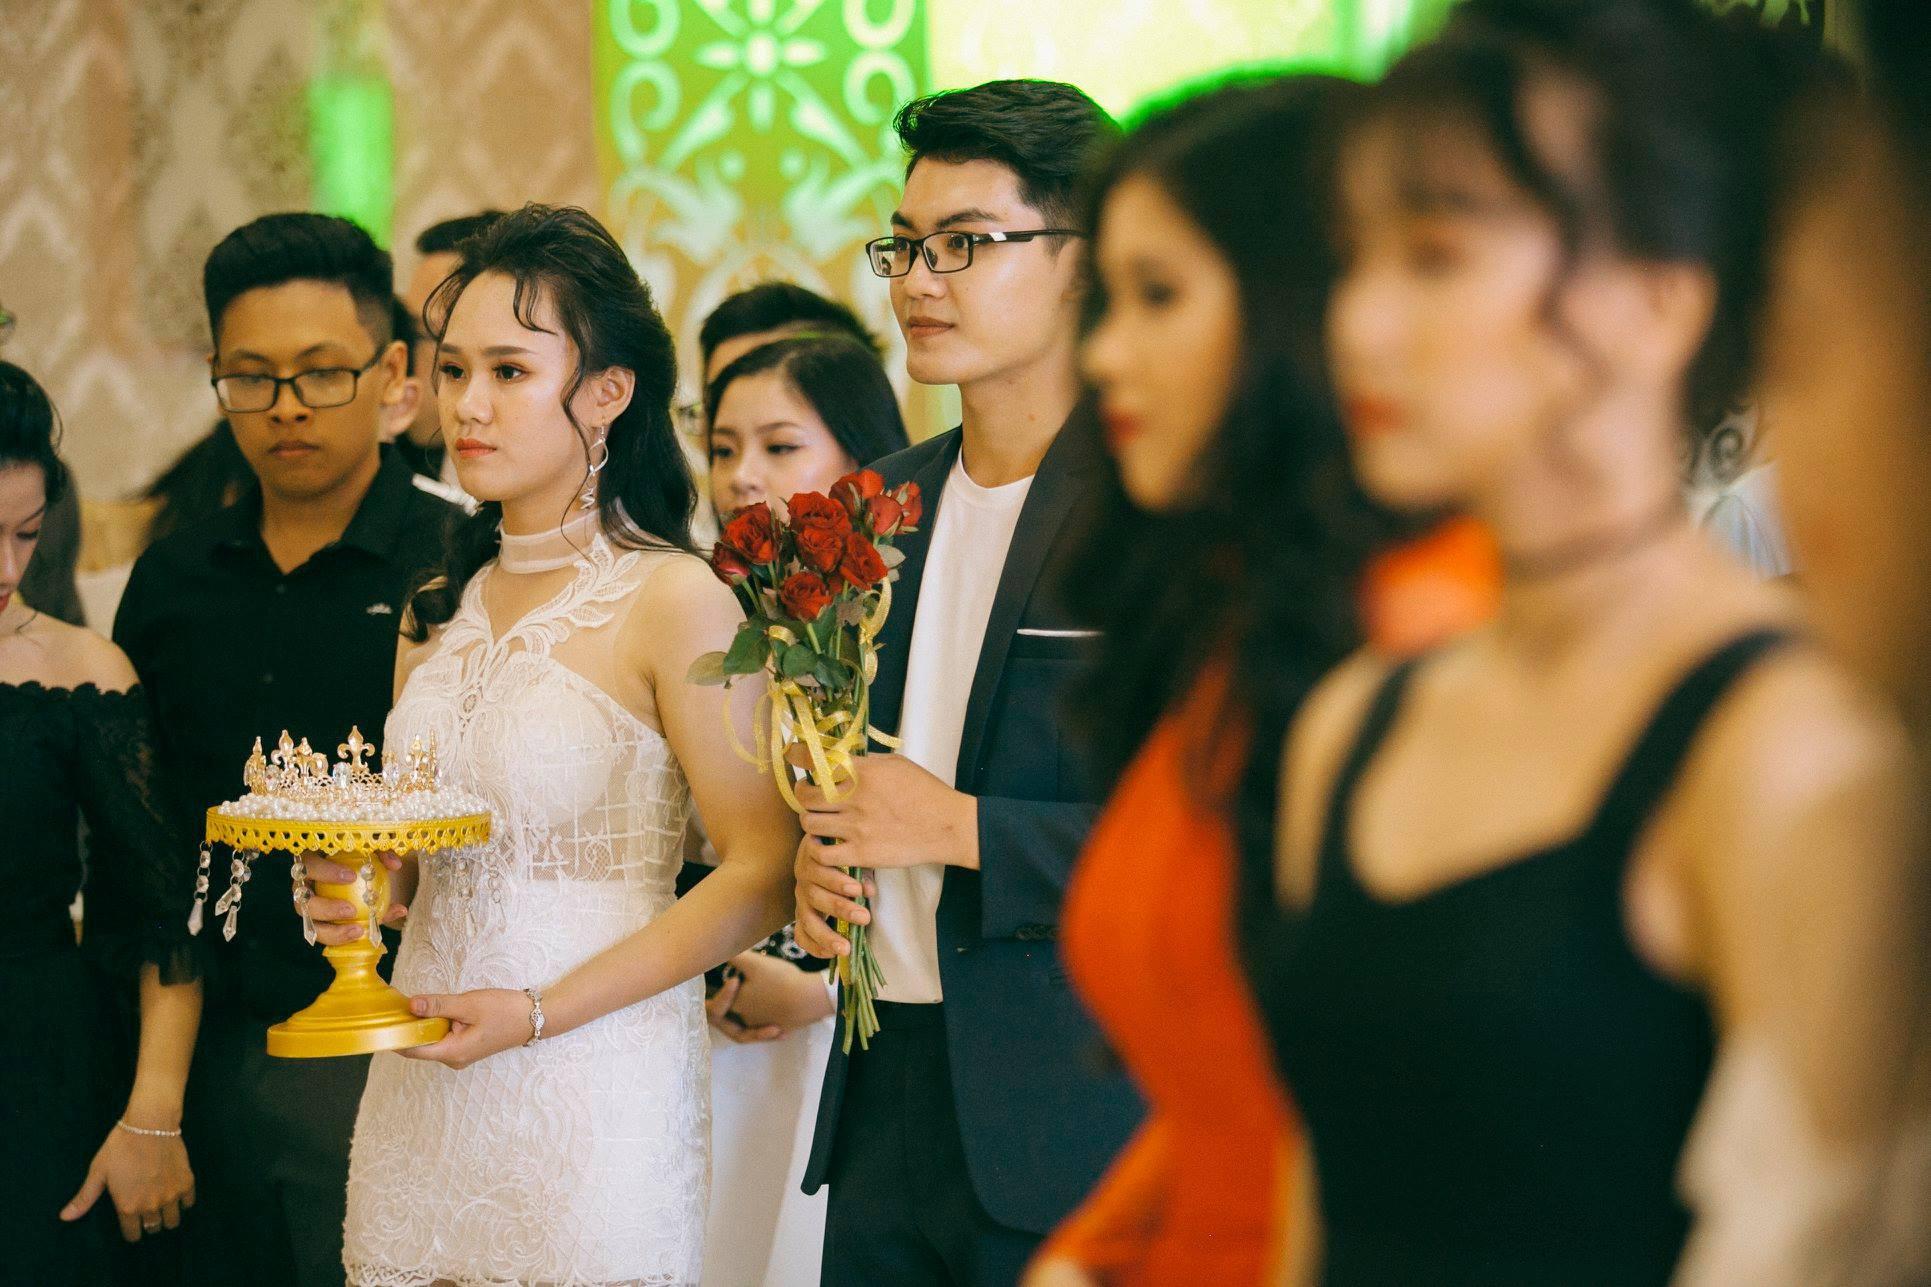 Không chỉ RMIT, trường chuyên phố núi Kon Tum cũng khiến chúng ta đã mắt với dàn trai xinh gái đẹp trong tiệc prom - Ảnh 11.